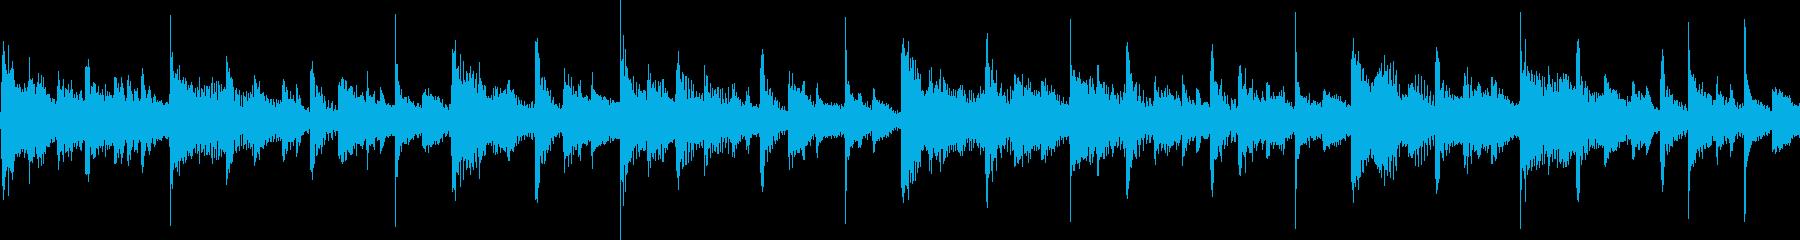 スタイリッシュなシンセジングル(ループ)の再生済みの波形